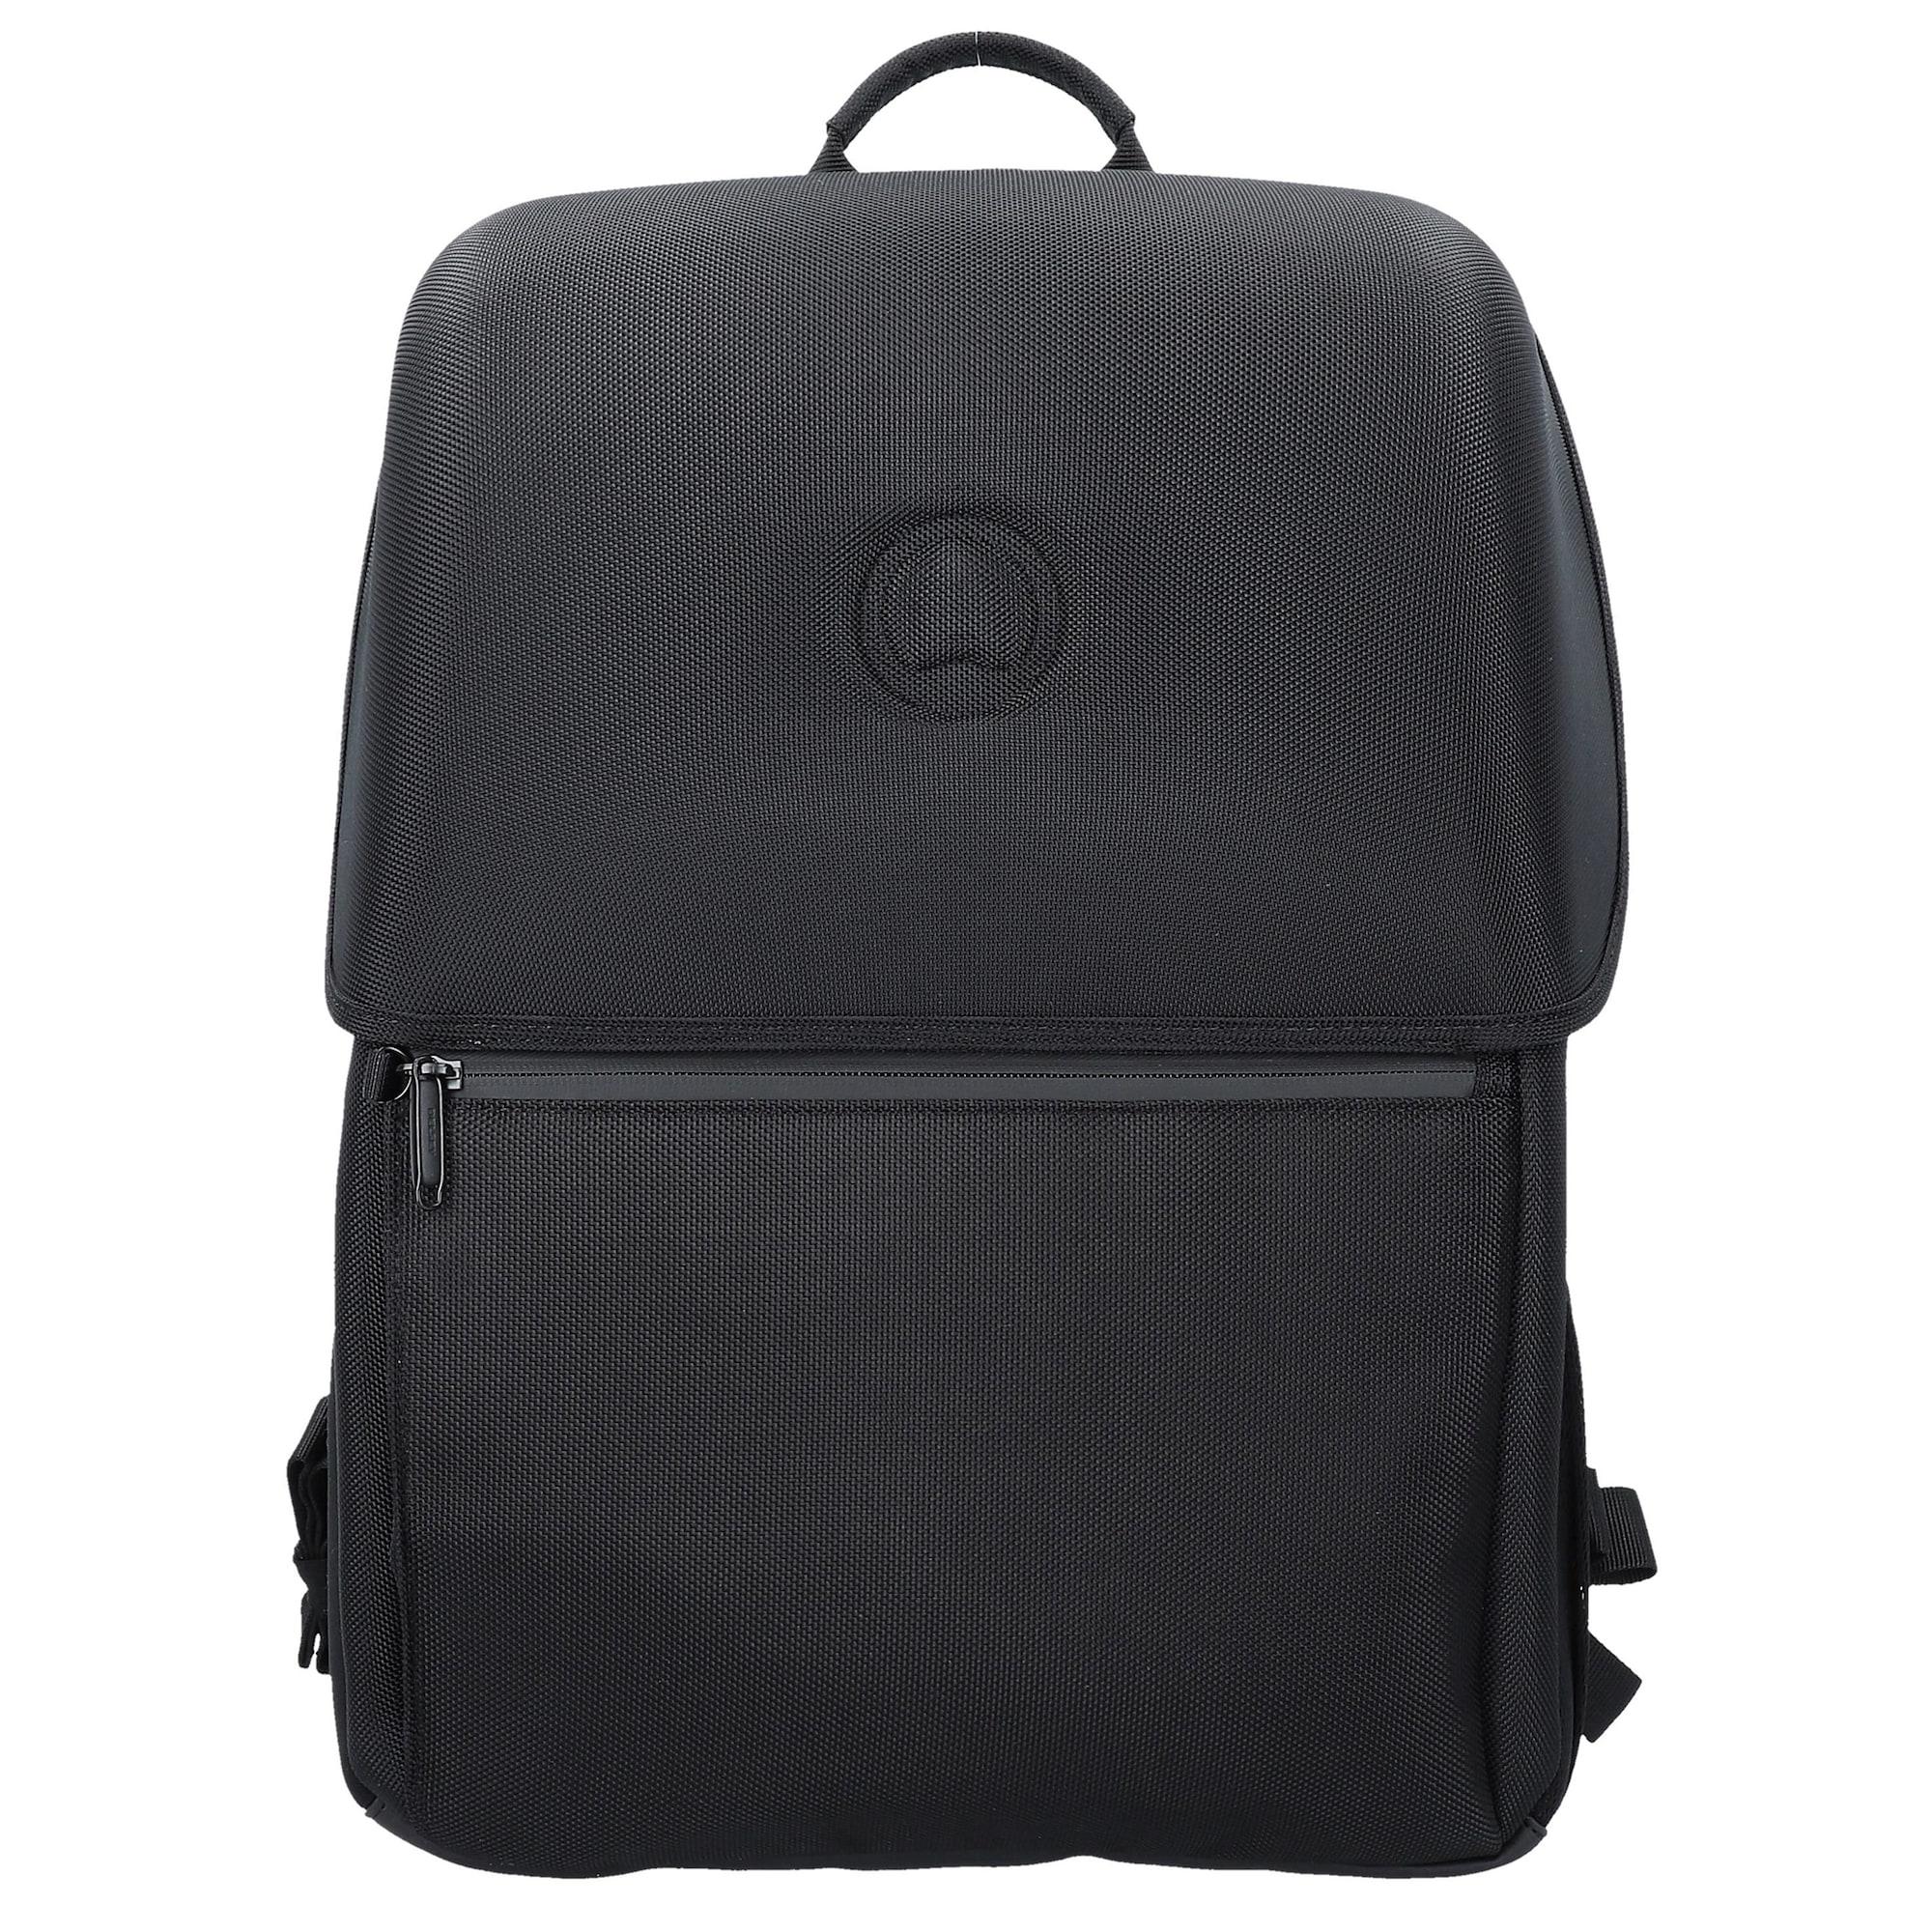 Businessrucksack 'Laumiere' | Taschen > Businesstaschen | Schwarz | Delsey